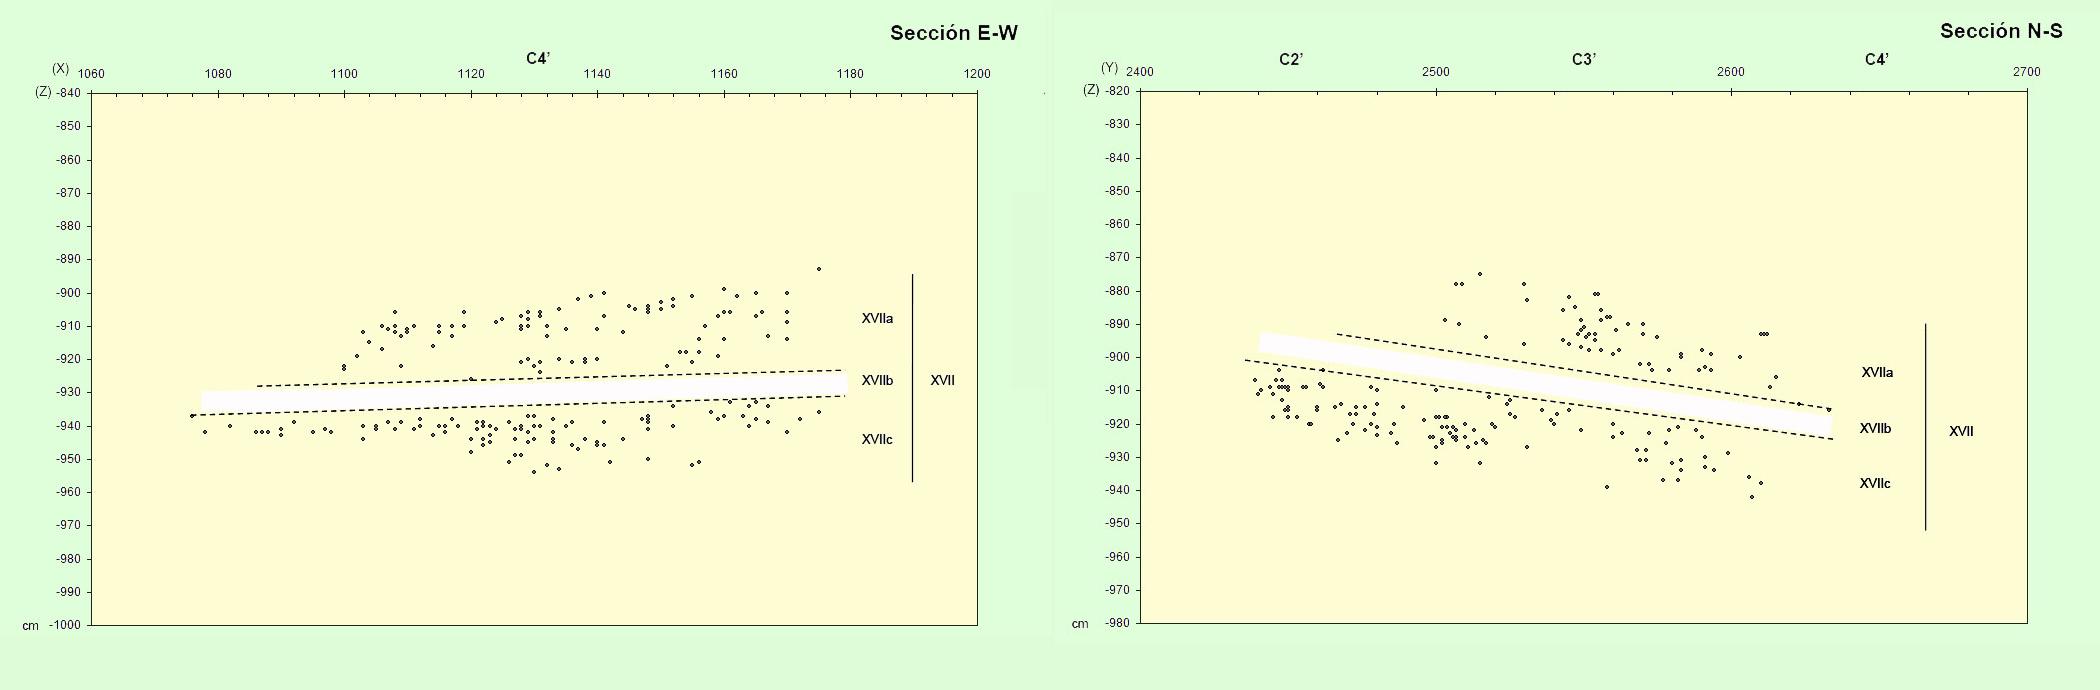 Distribución arqueoestratigráfica de los restos faunísticos coordenados procedentes del nivel XVII del Bolomor: XVIIc (imagen superior) y XVIIa (imagen inferior).